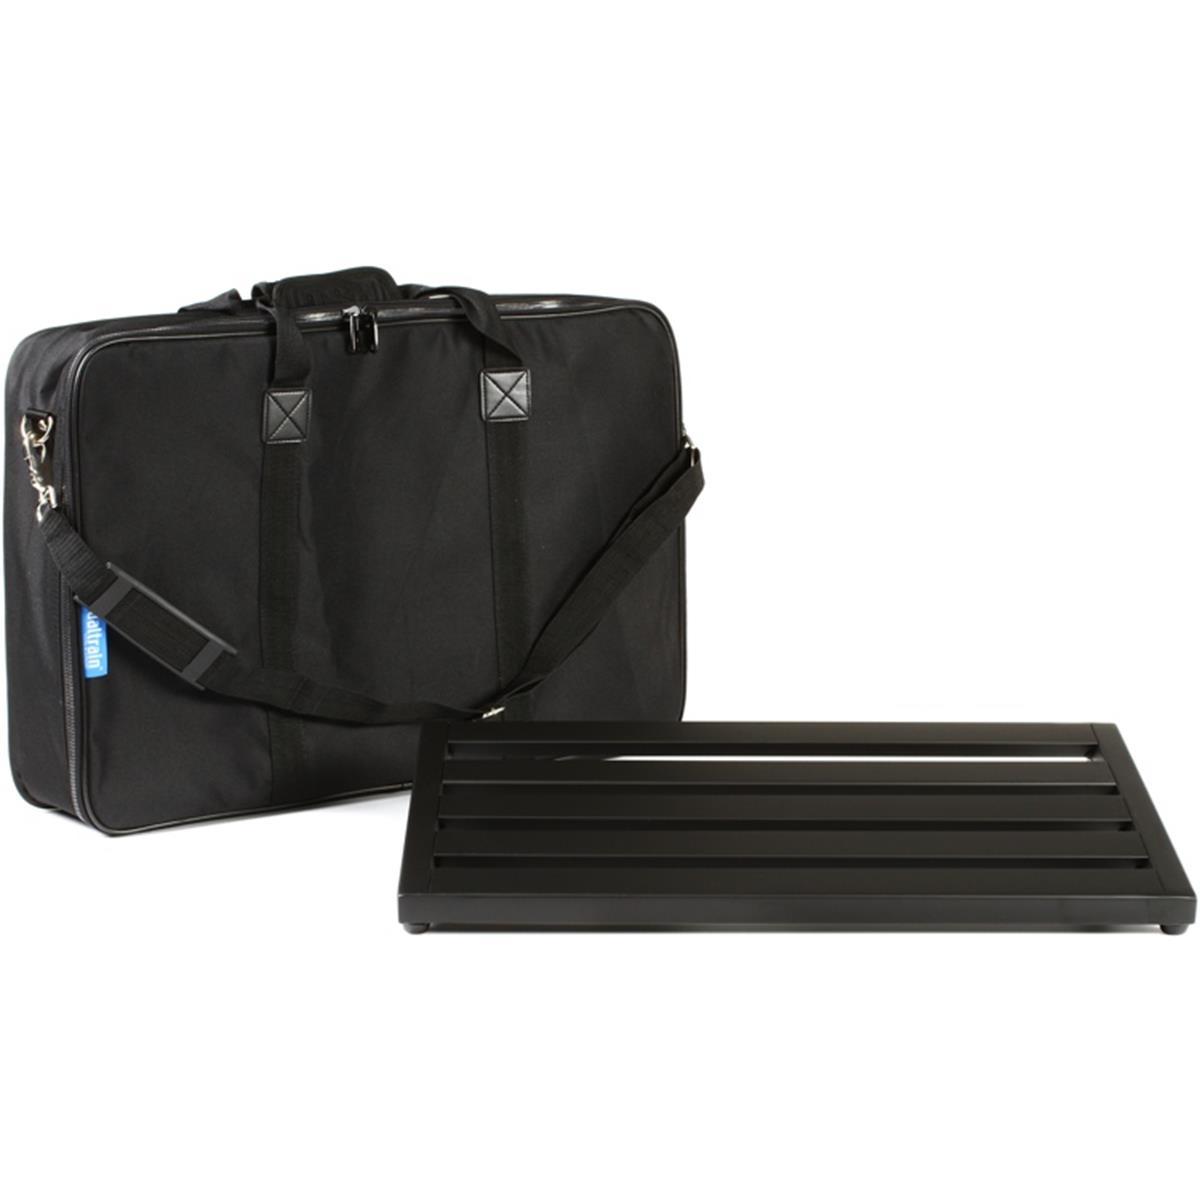 PEDALTRAIN NOVO 24 SOFT CASE  pedal board